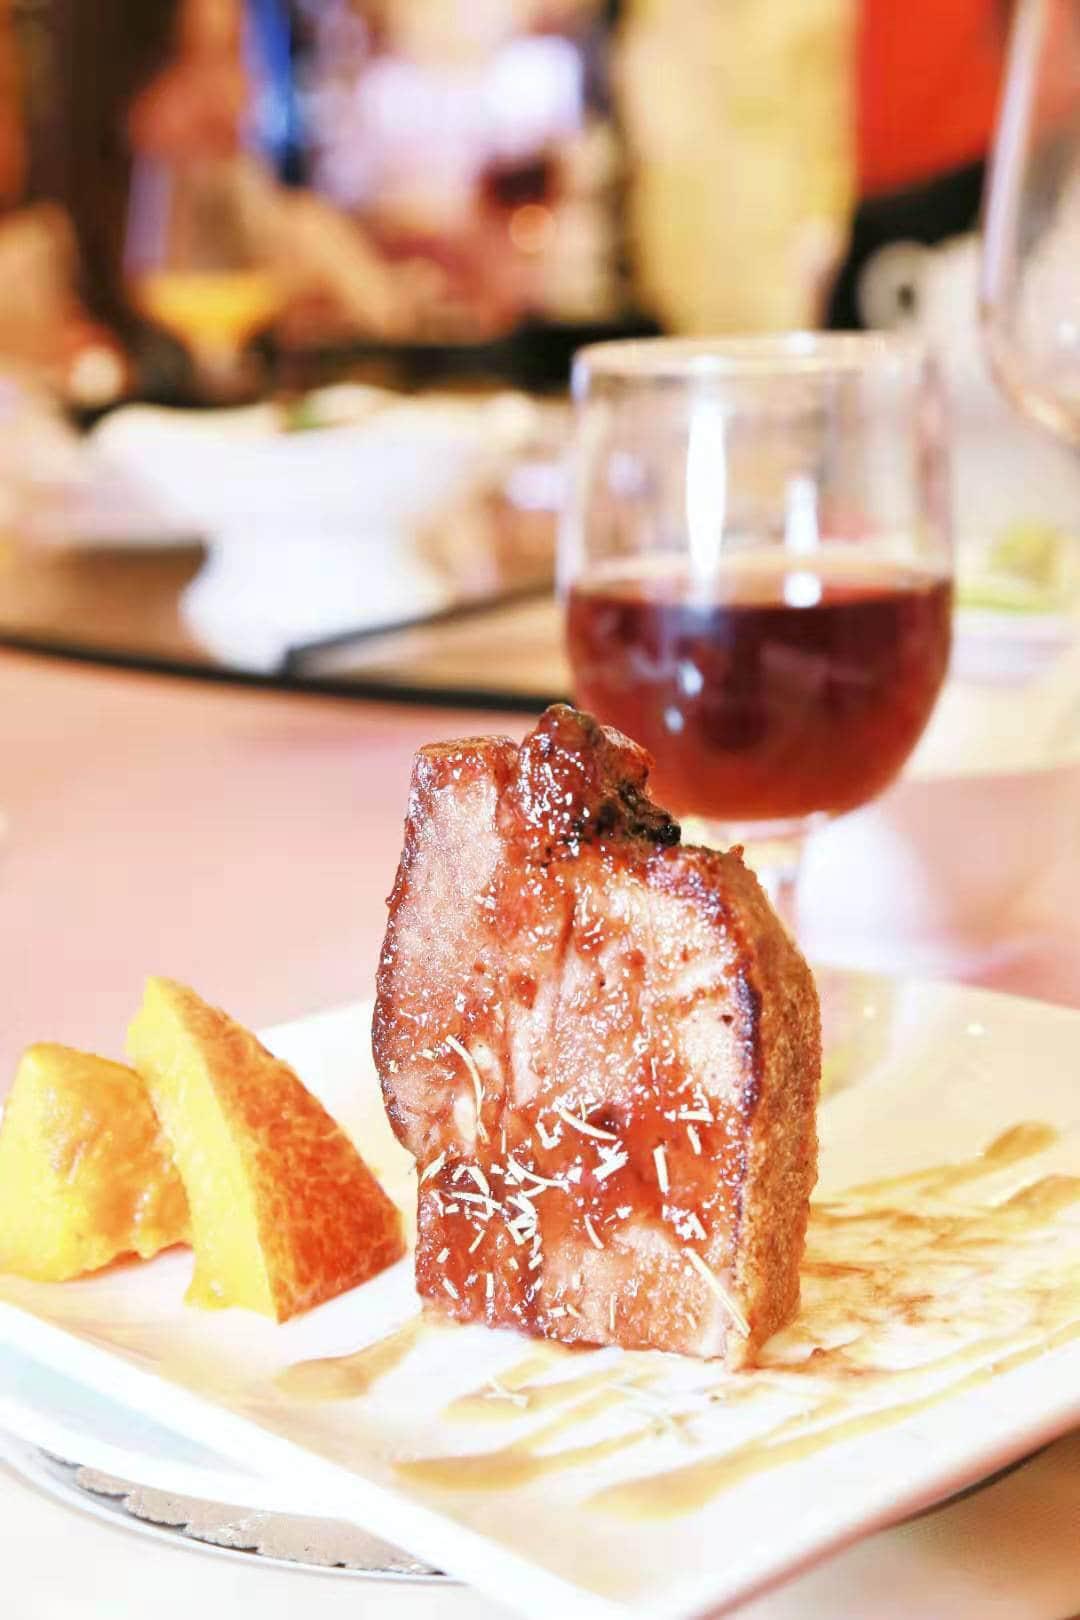 菠酱烧海鲜猪:由腊味部的主理人阿波研发的酱汁,口感独特,烧出来的猪,拌南瓜同吃,特别甘香和惹味。